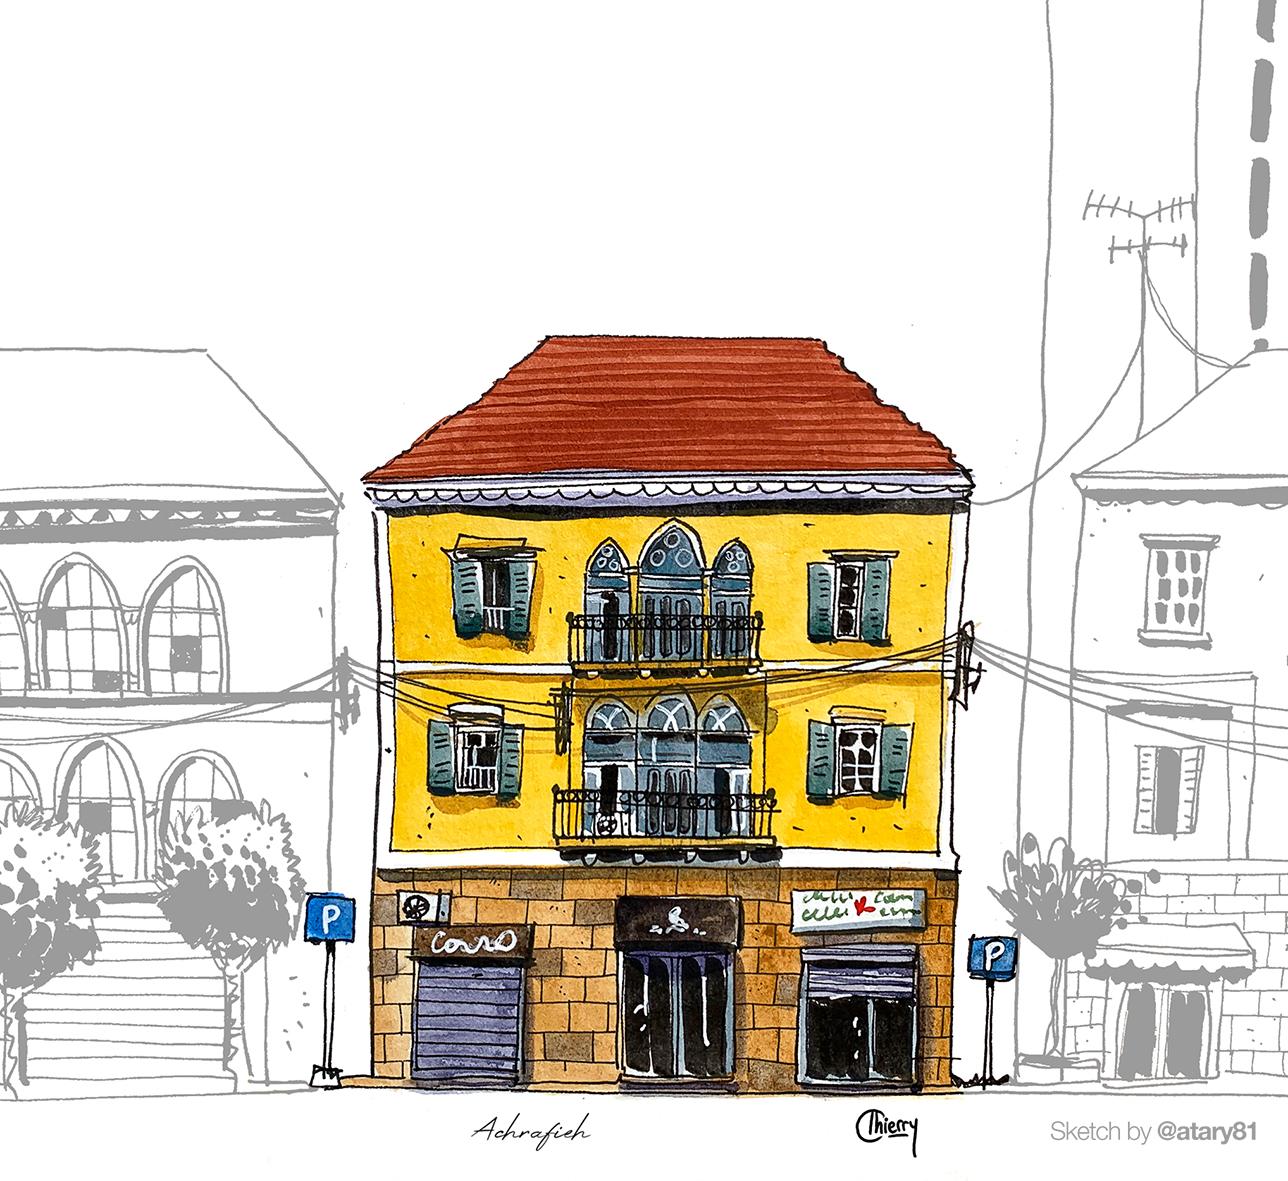 تصميم البيت الأصفر